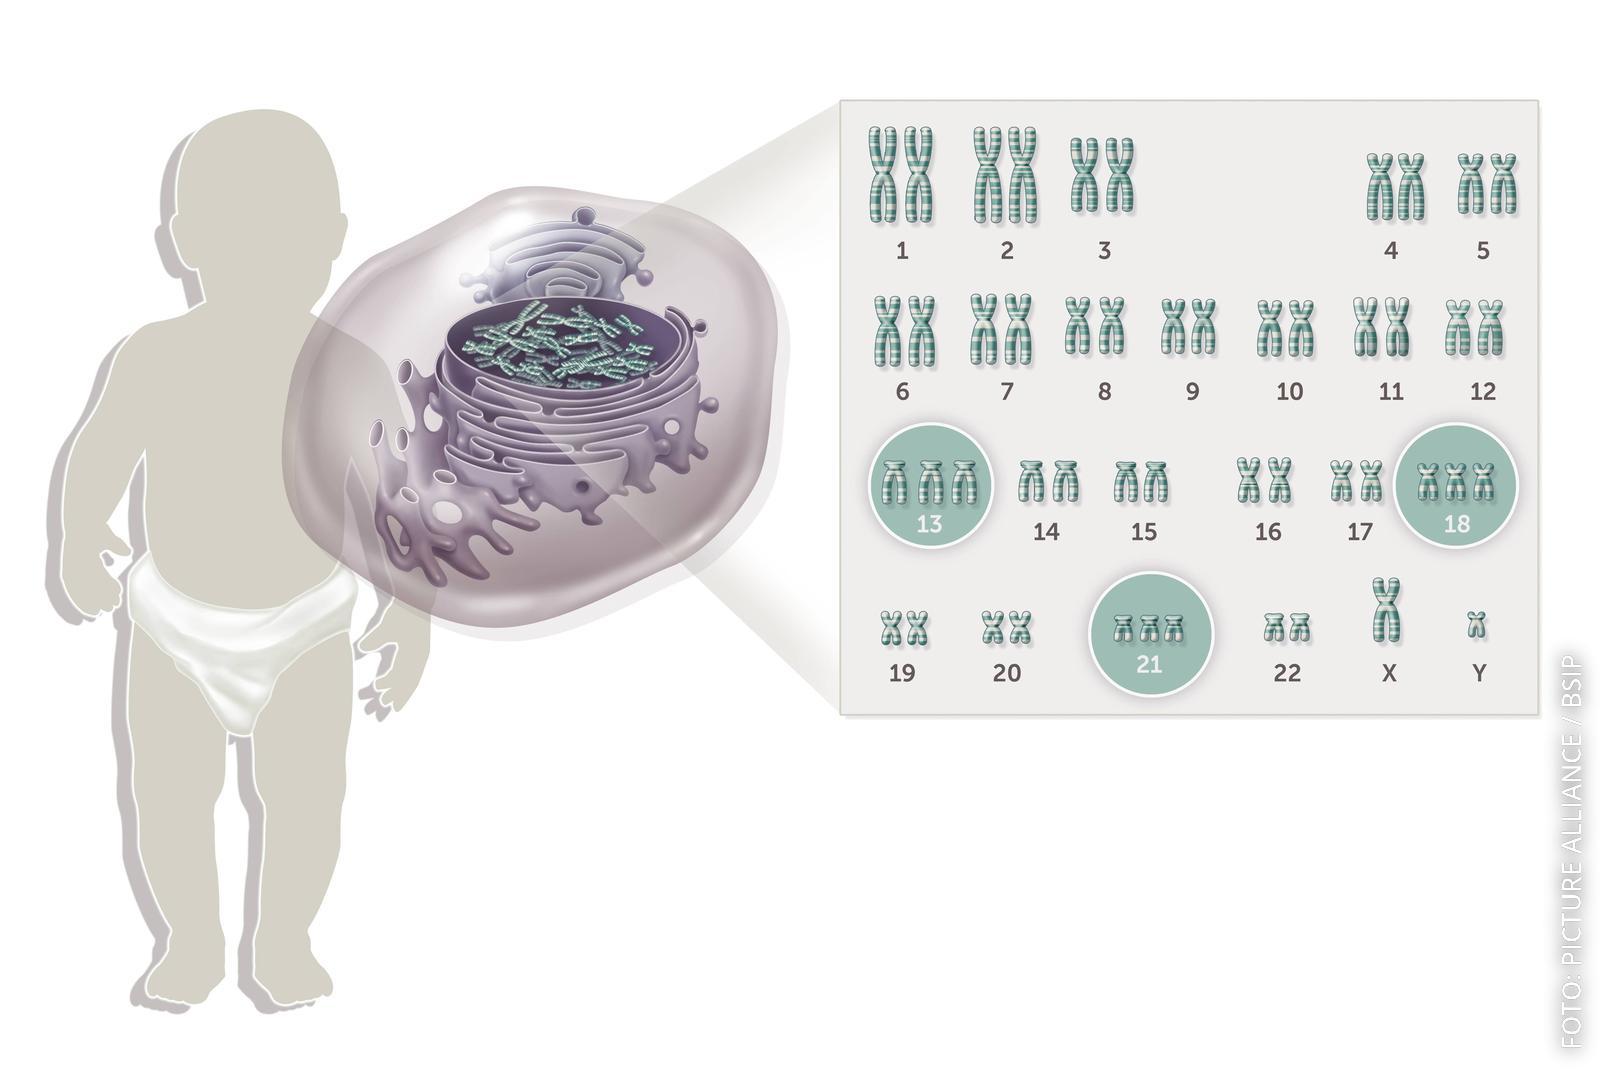 Grafik mit verschiedenen Trisomien. Teilweise sieht man dreifache statt doppelte Chromosomen.